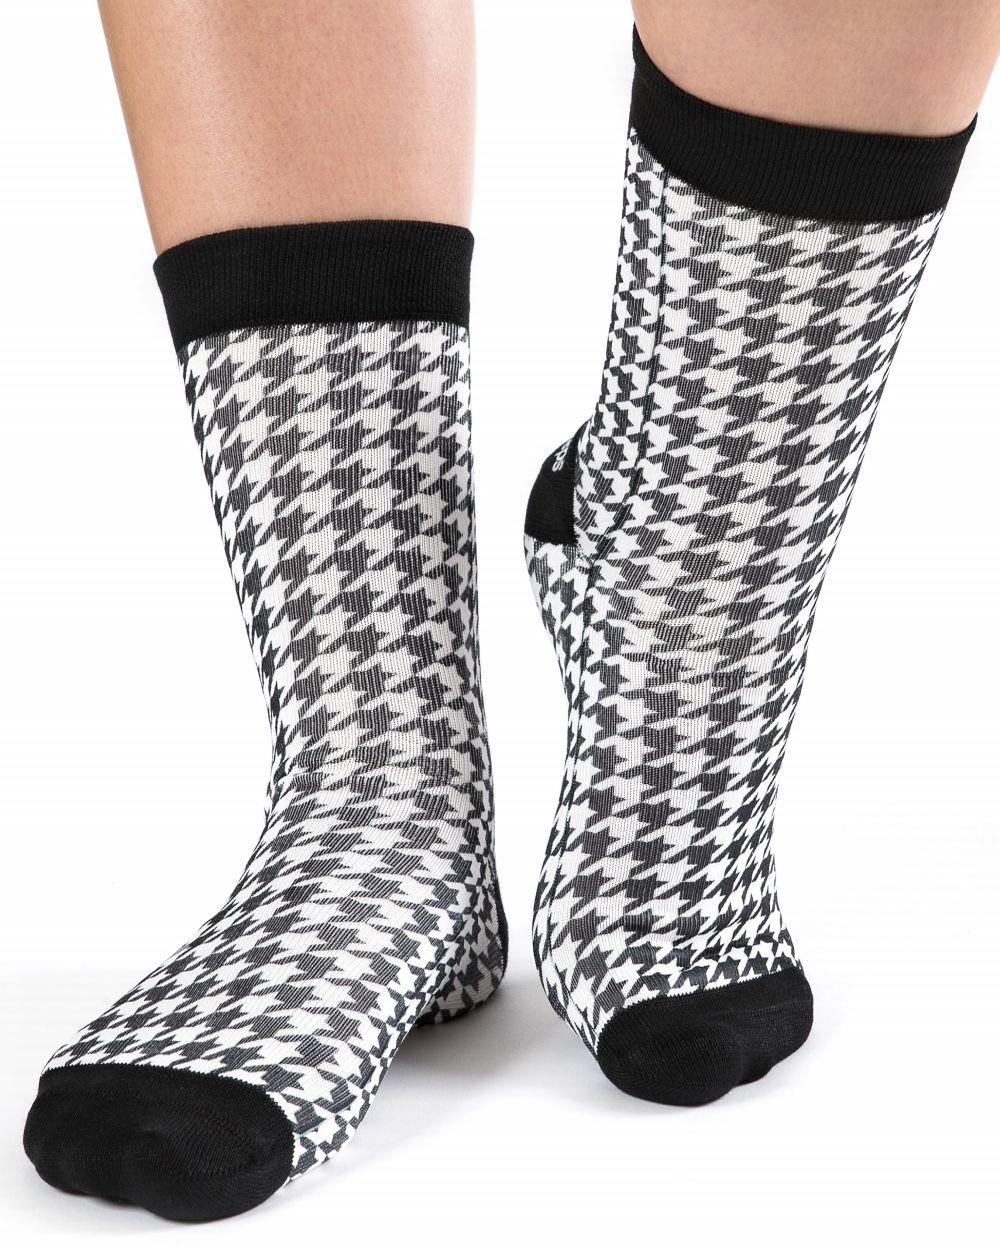 wigglesteps Socken - Houndstooth Check, Hahnentrittmuster - schwarz / weiß, One Size 36 - 40